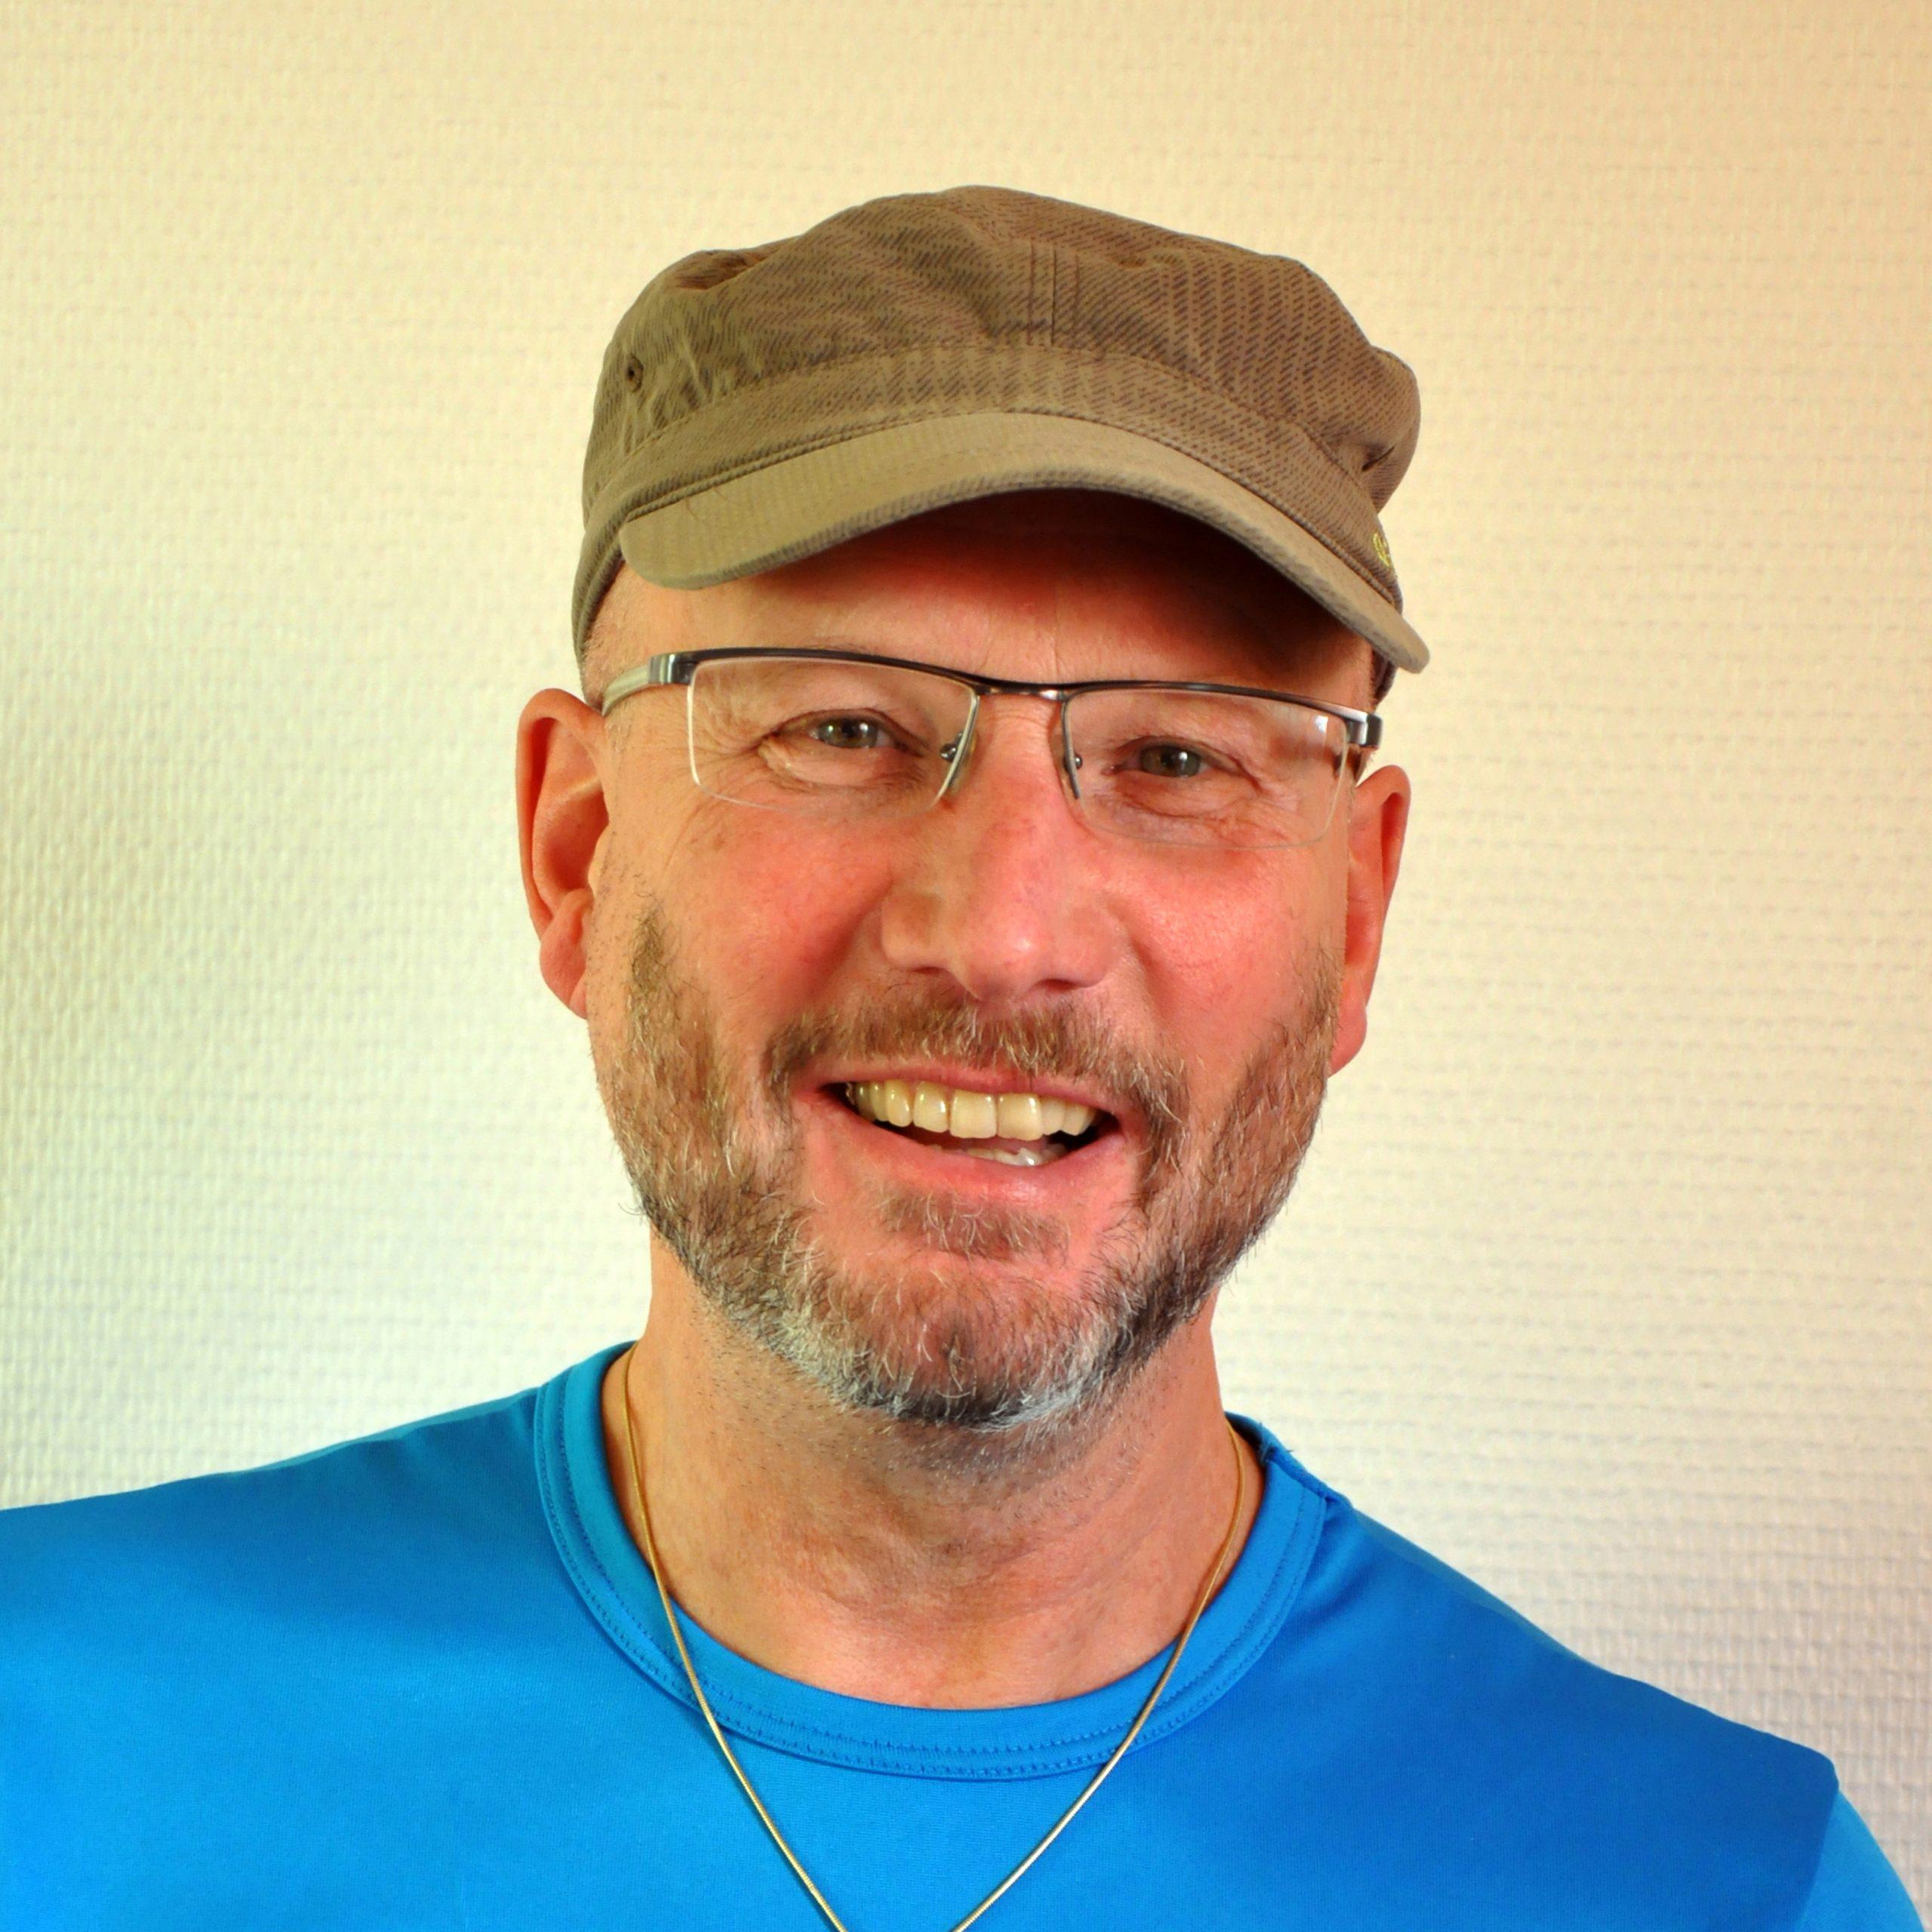 Marc Lavot